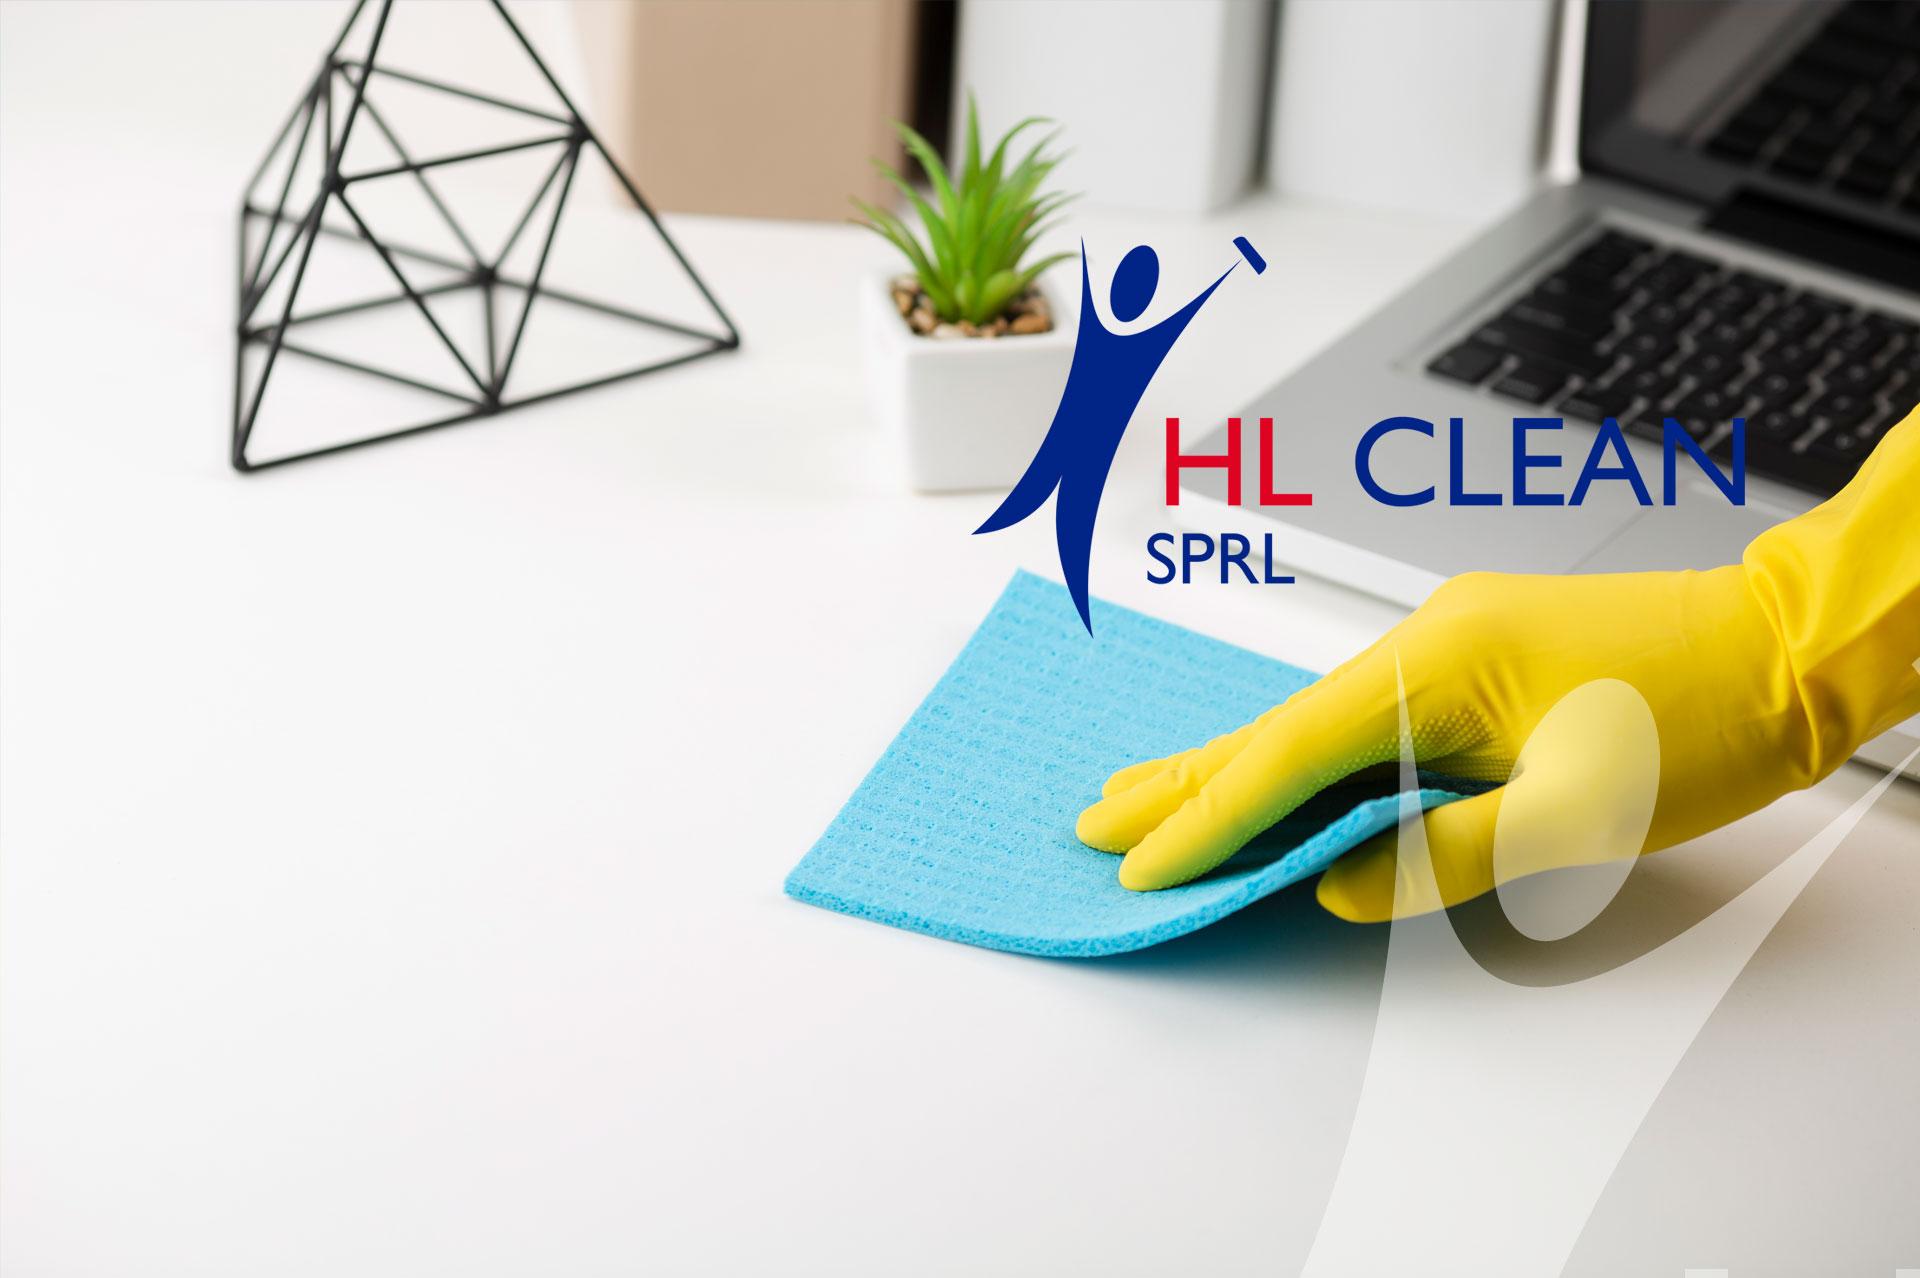 hl-clean-accueil-qualite